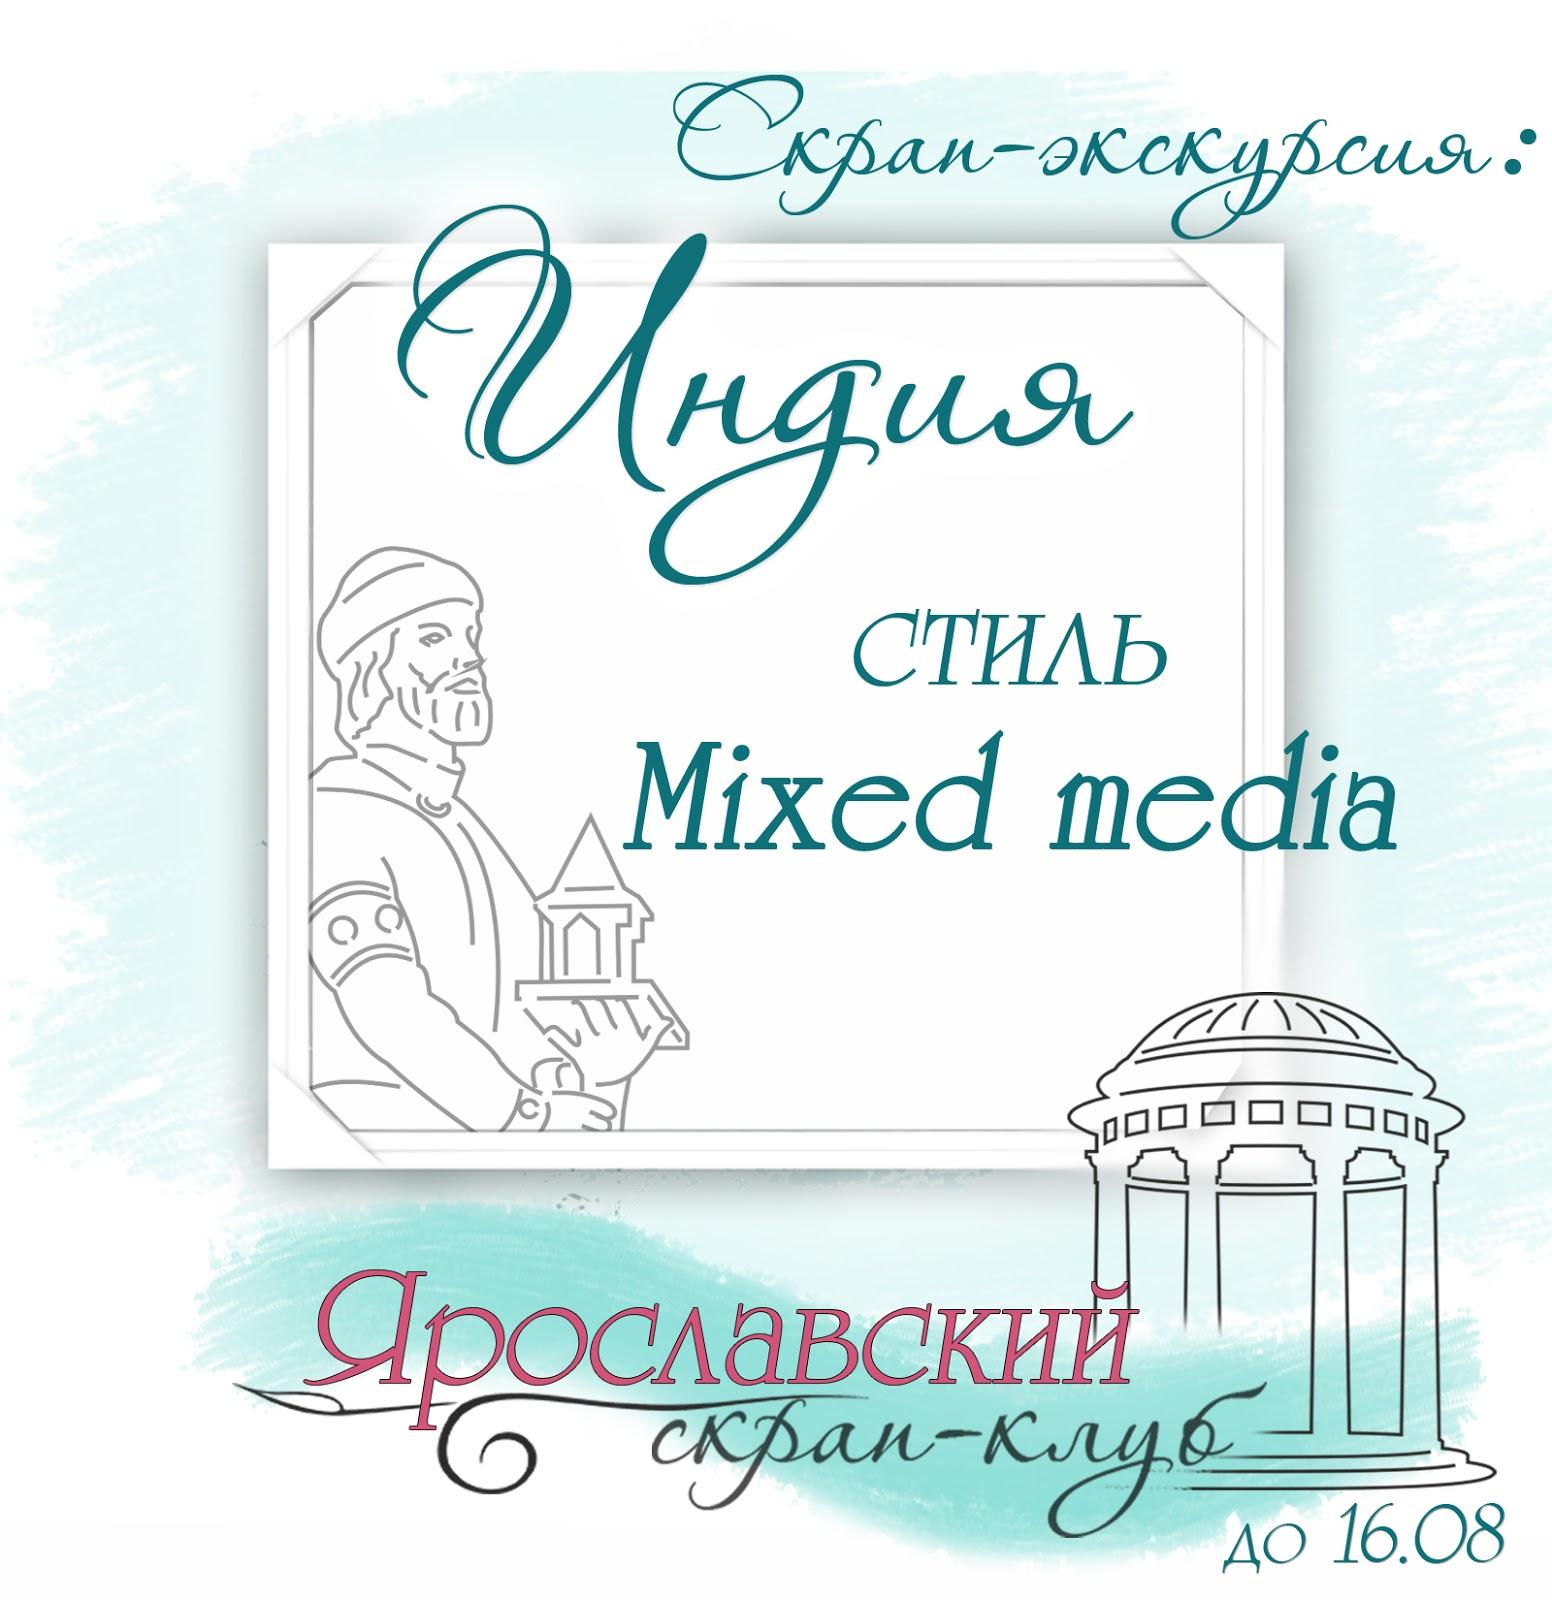 Скрап-экскурсия: Mixed media до 16.08.17